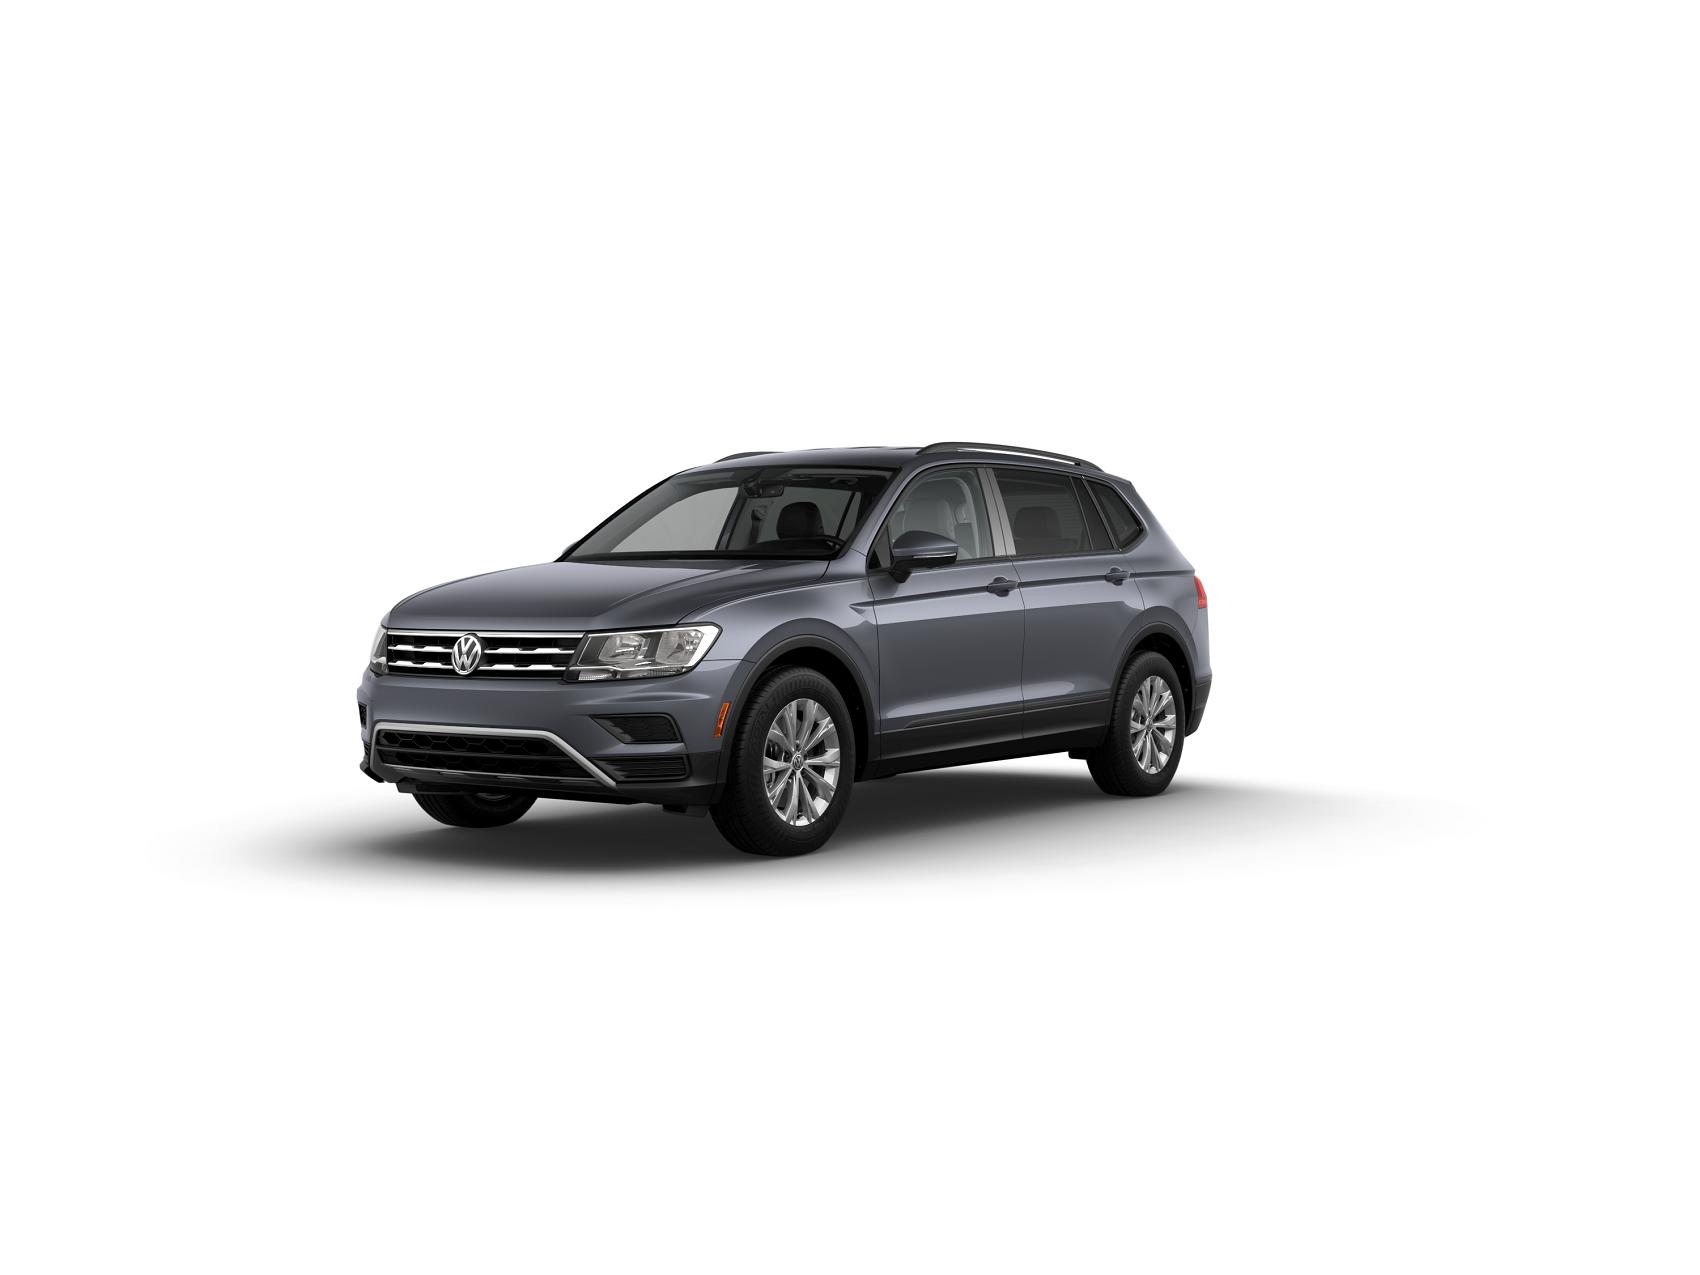 2019 VW Tiguan Review